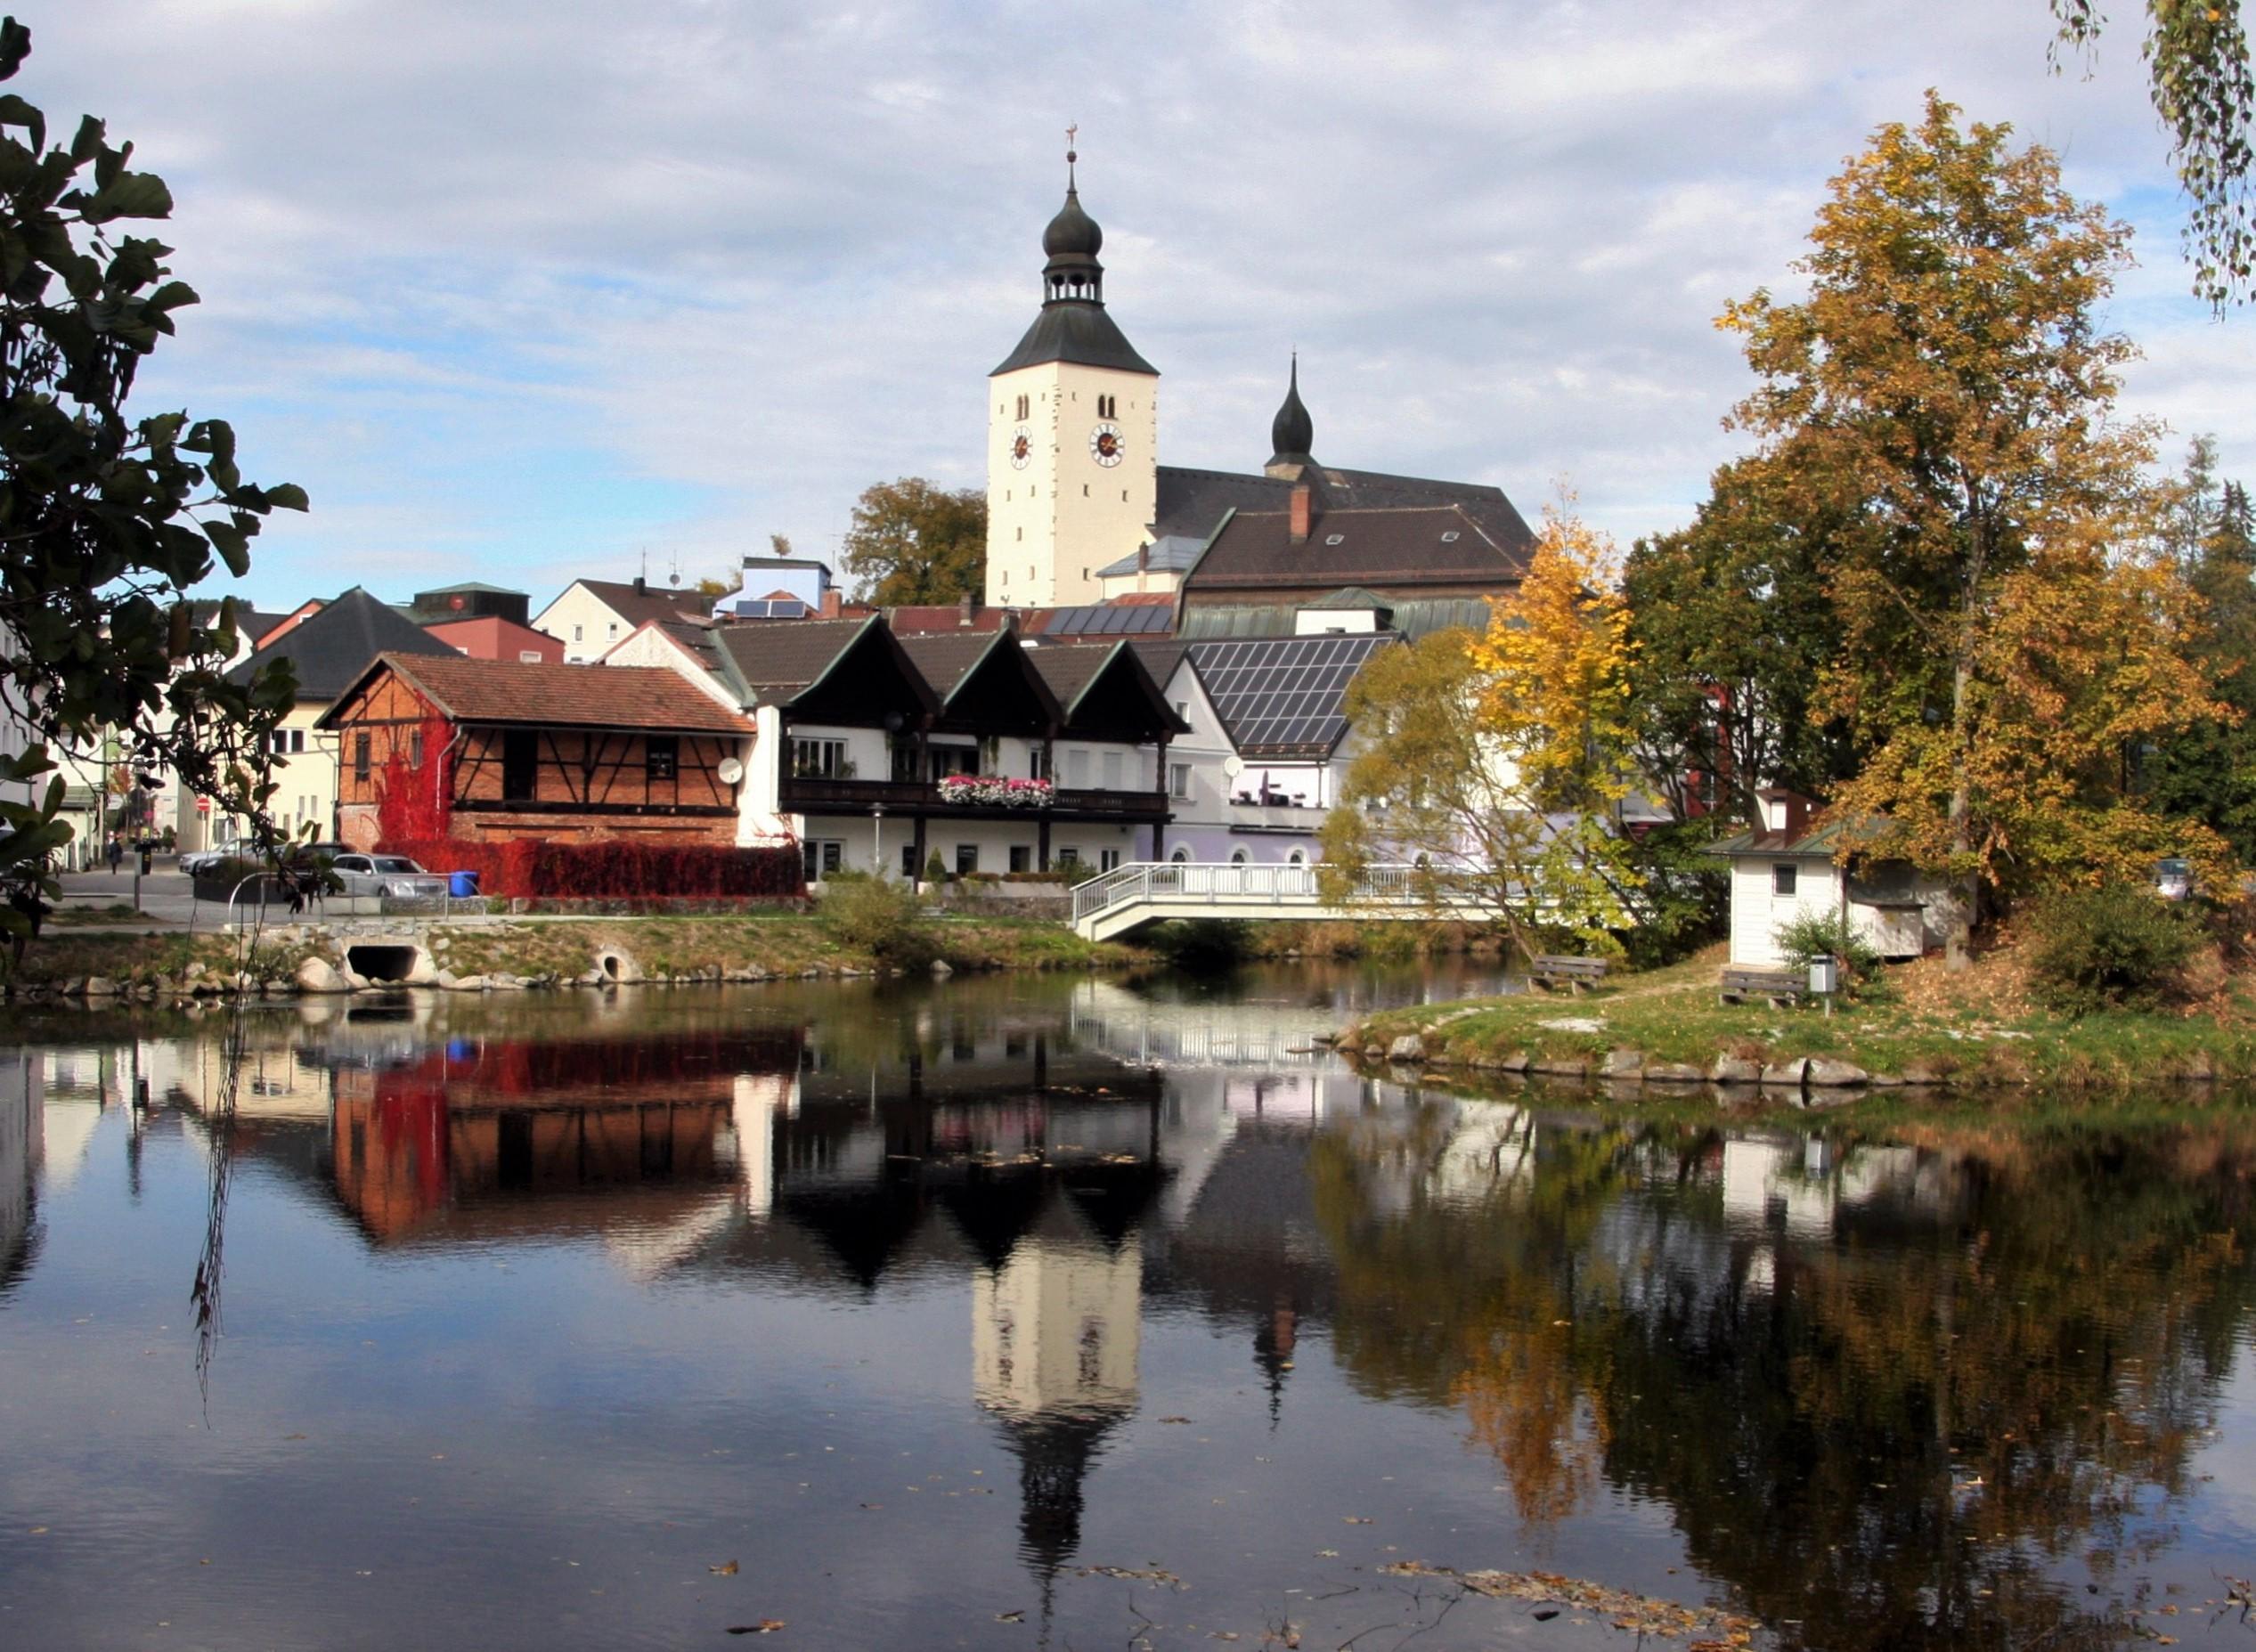 Pfarrkirche_Regen